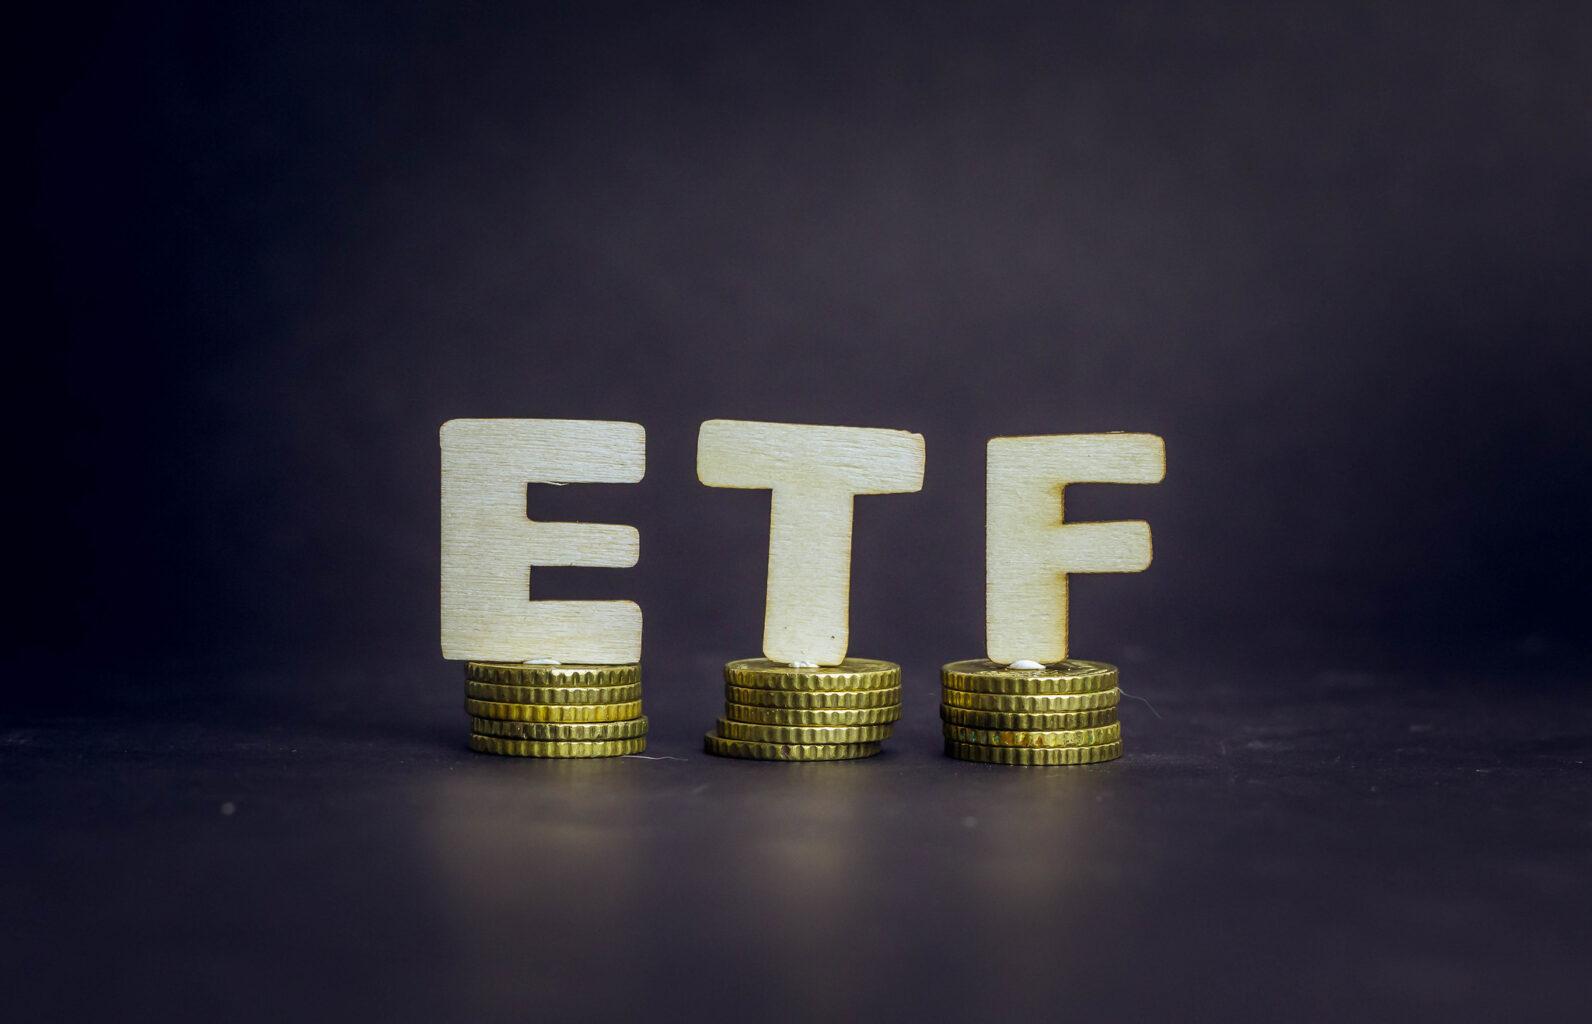 BBSD11: saiba mais sobre esse ETF das empresas pagadoras de dividendos